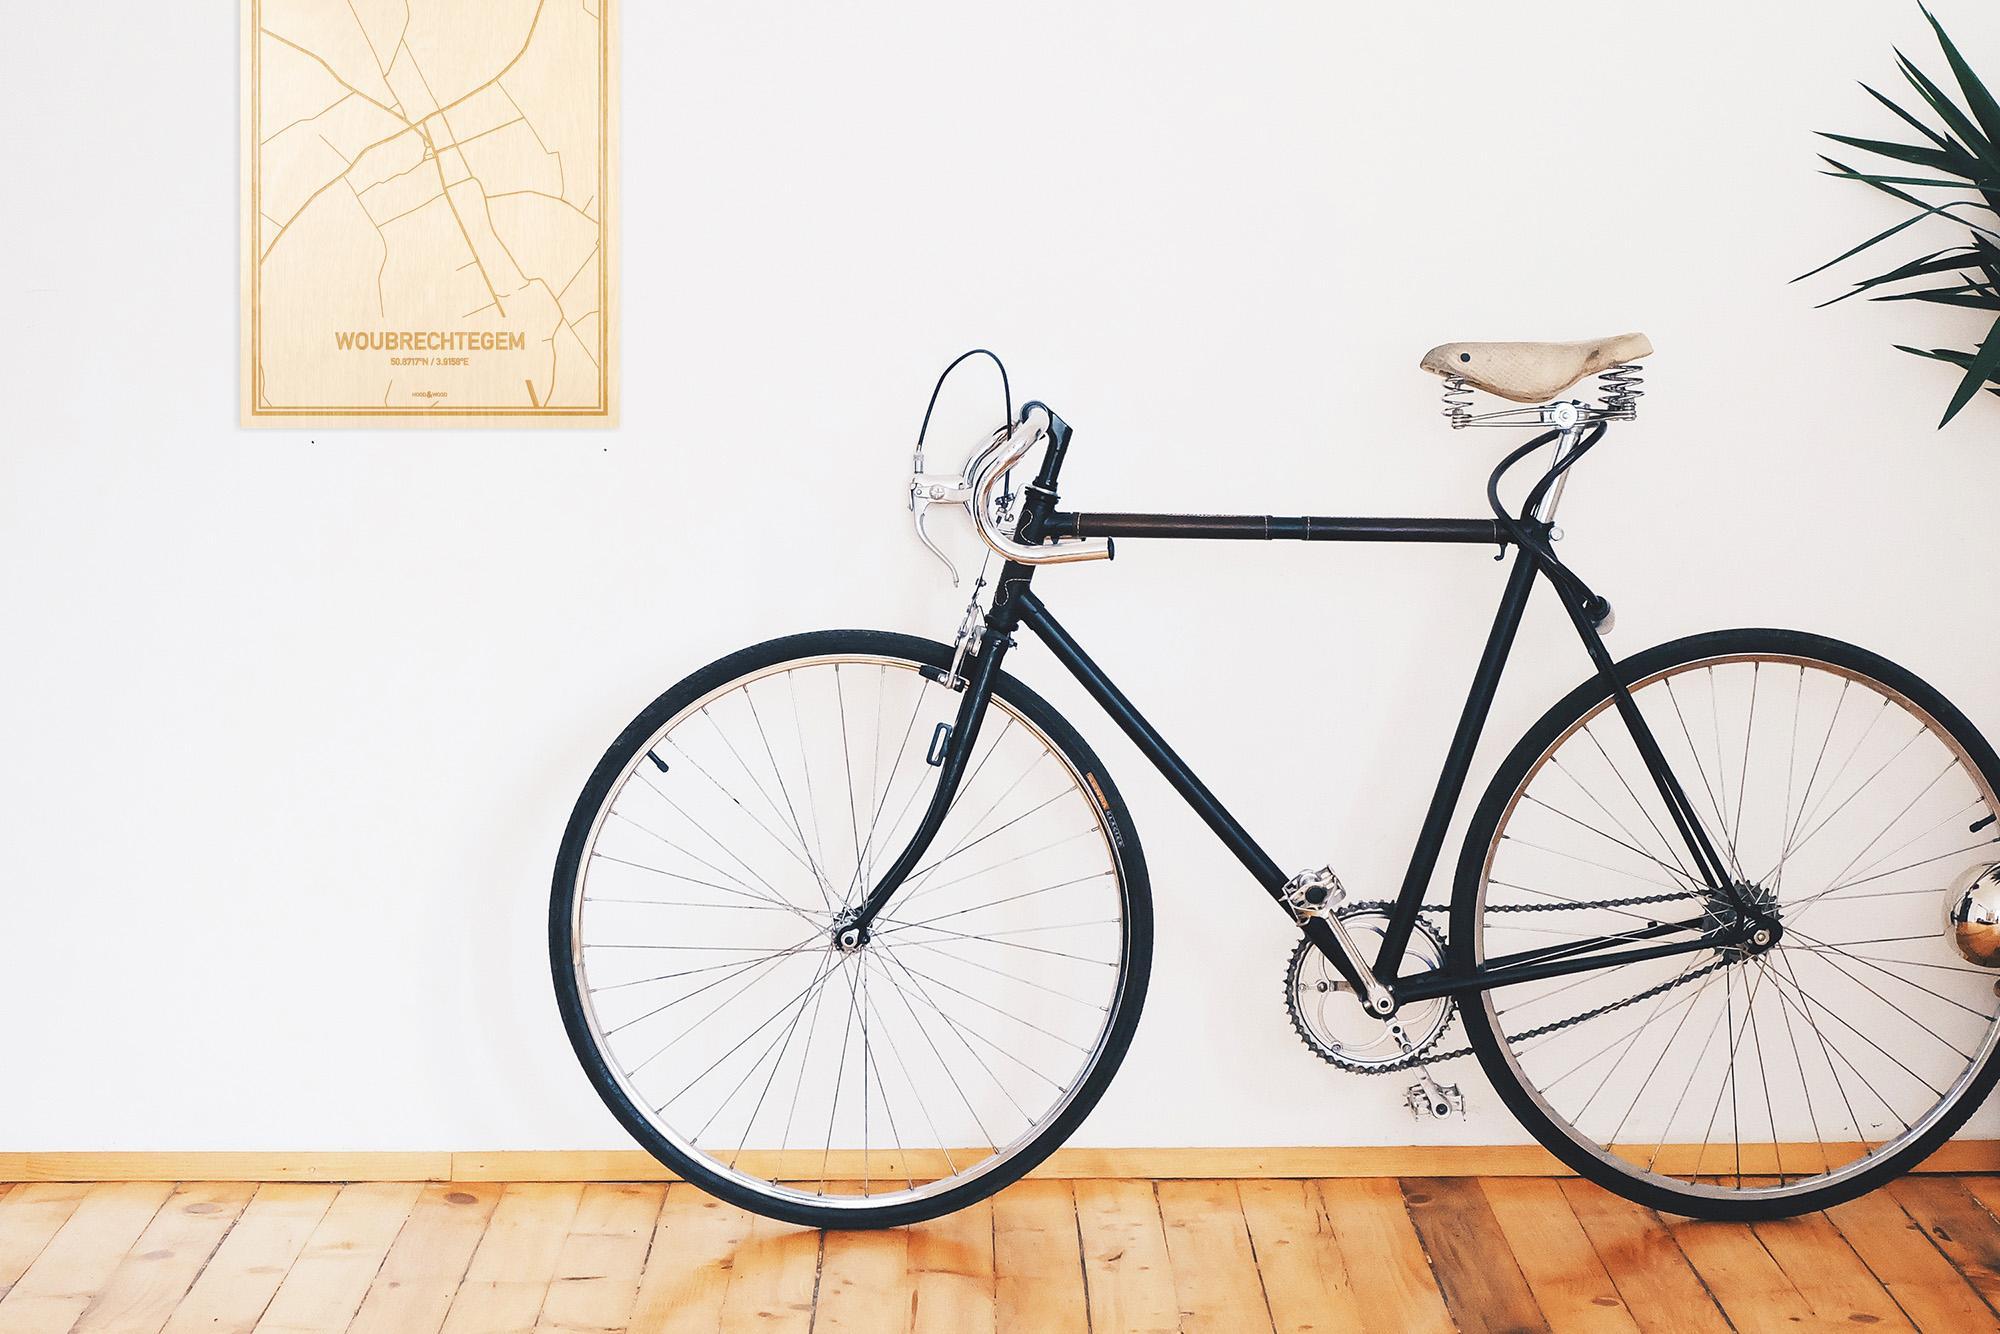 Een snelle fiets in een uniek interieur in Oost-Vlaanderen  met mooie decoratie zoals de plattegrond Woubrechtegem.